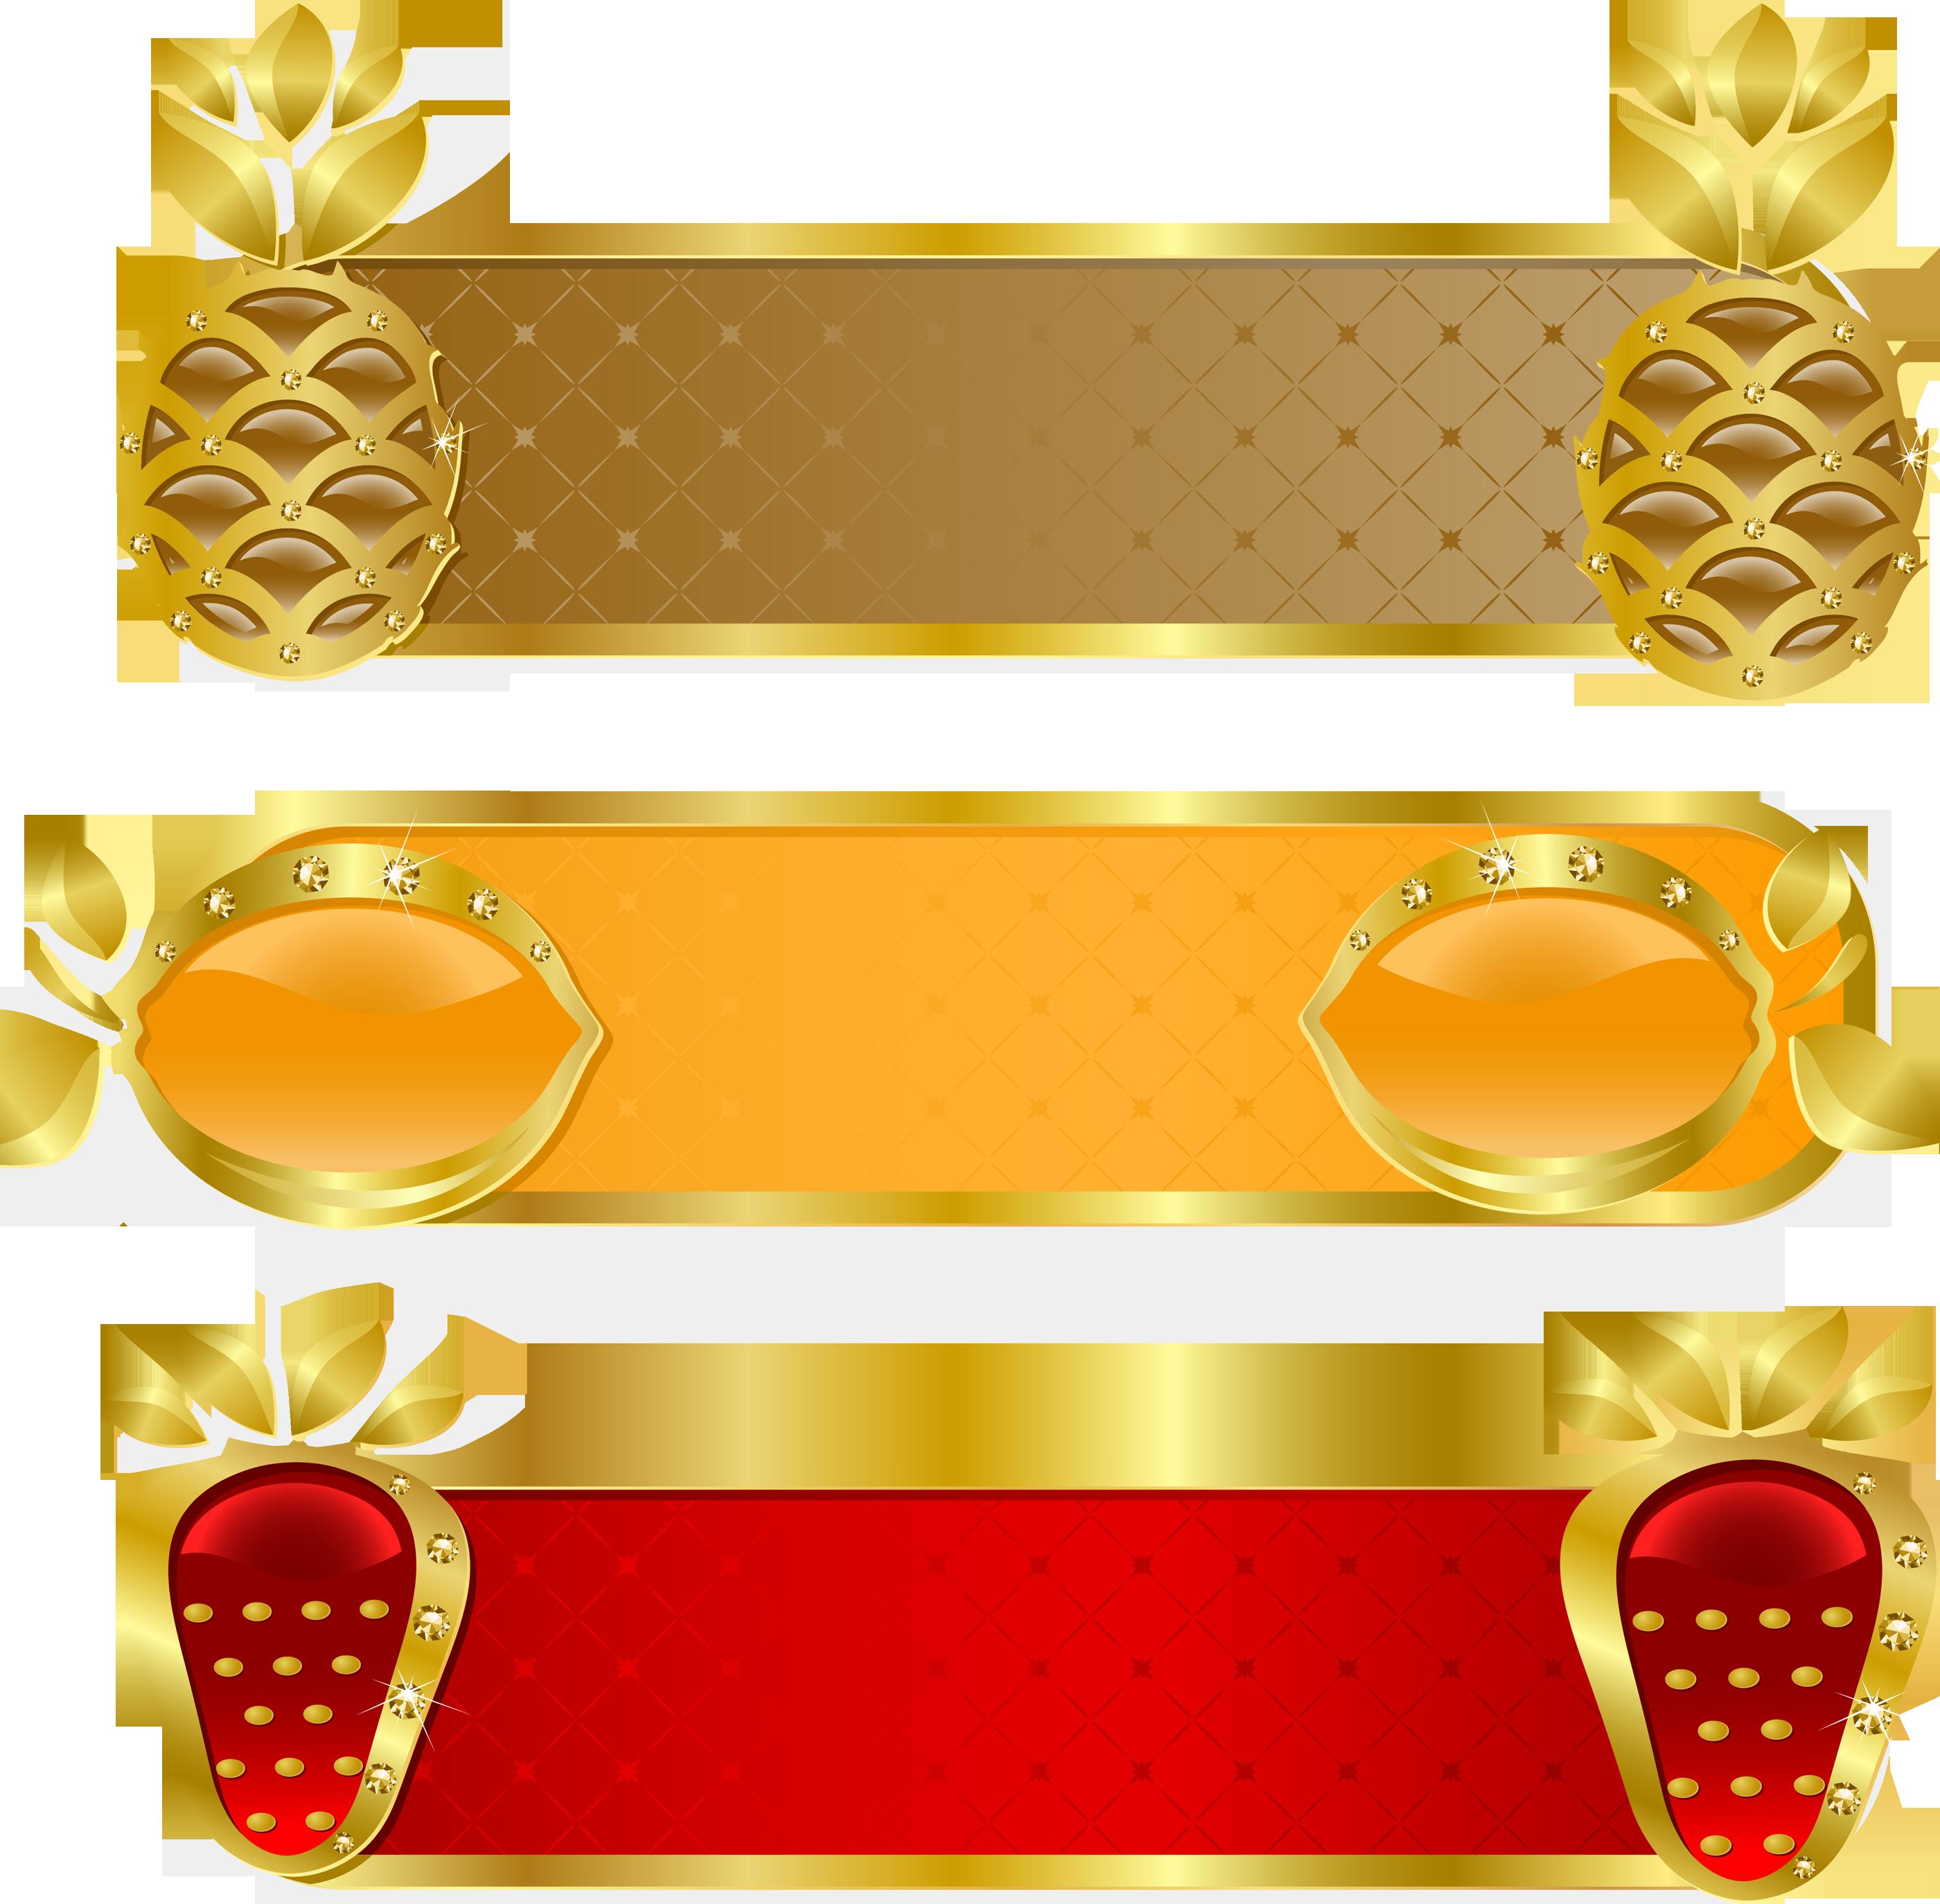 clipart pineapple frame